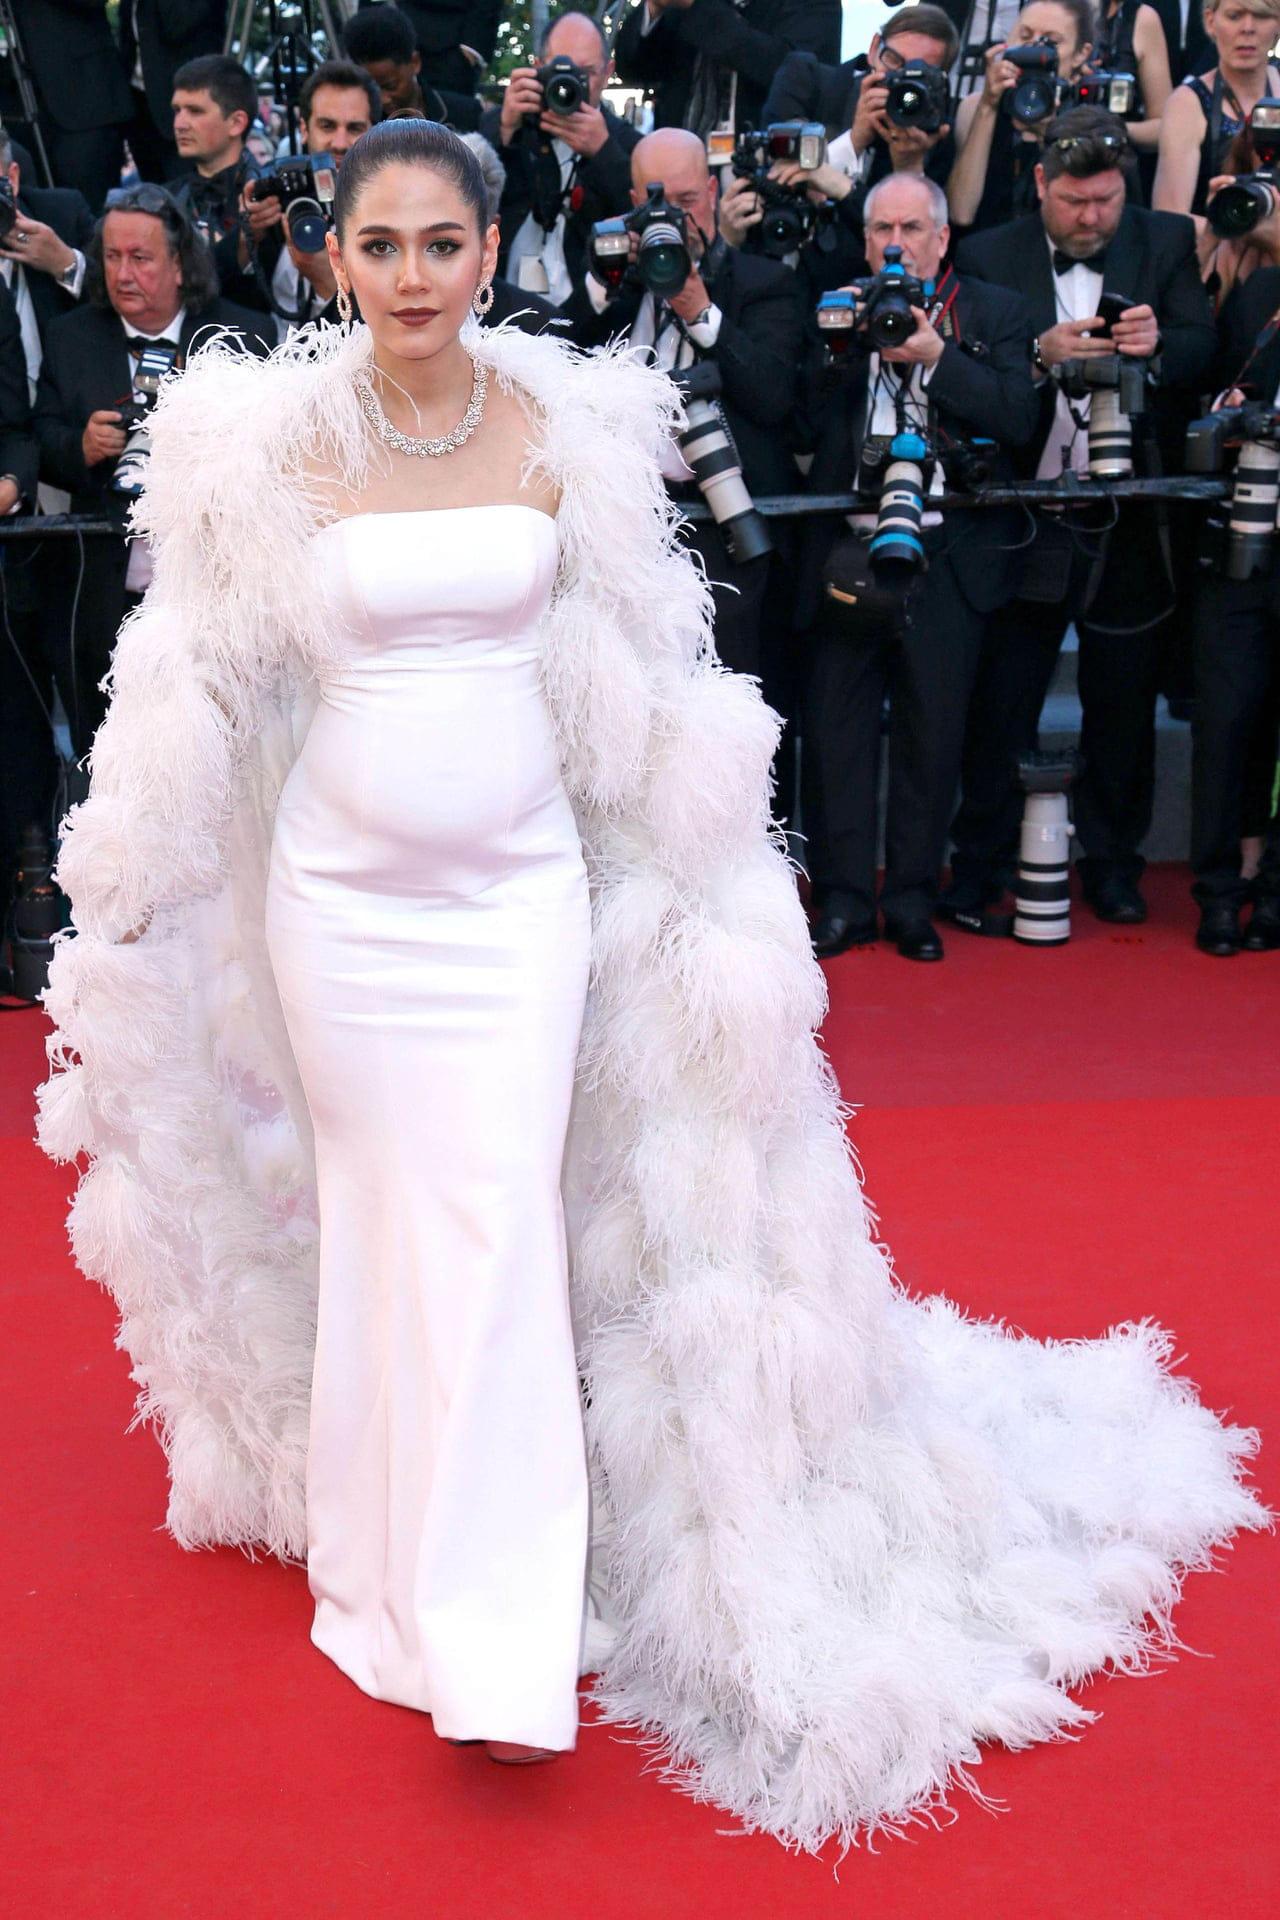 Cannes 2017 Vestidos Brancos S U00e3o Destaque No Red Carpet